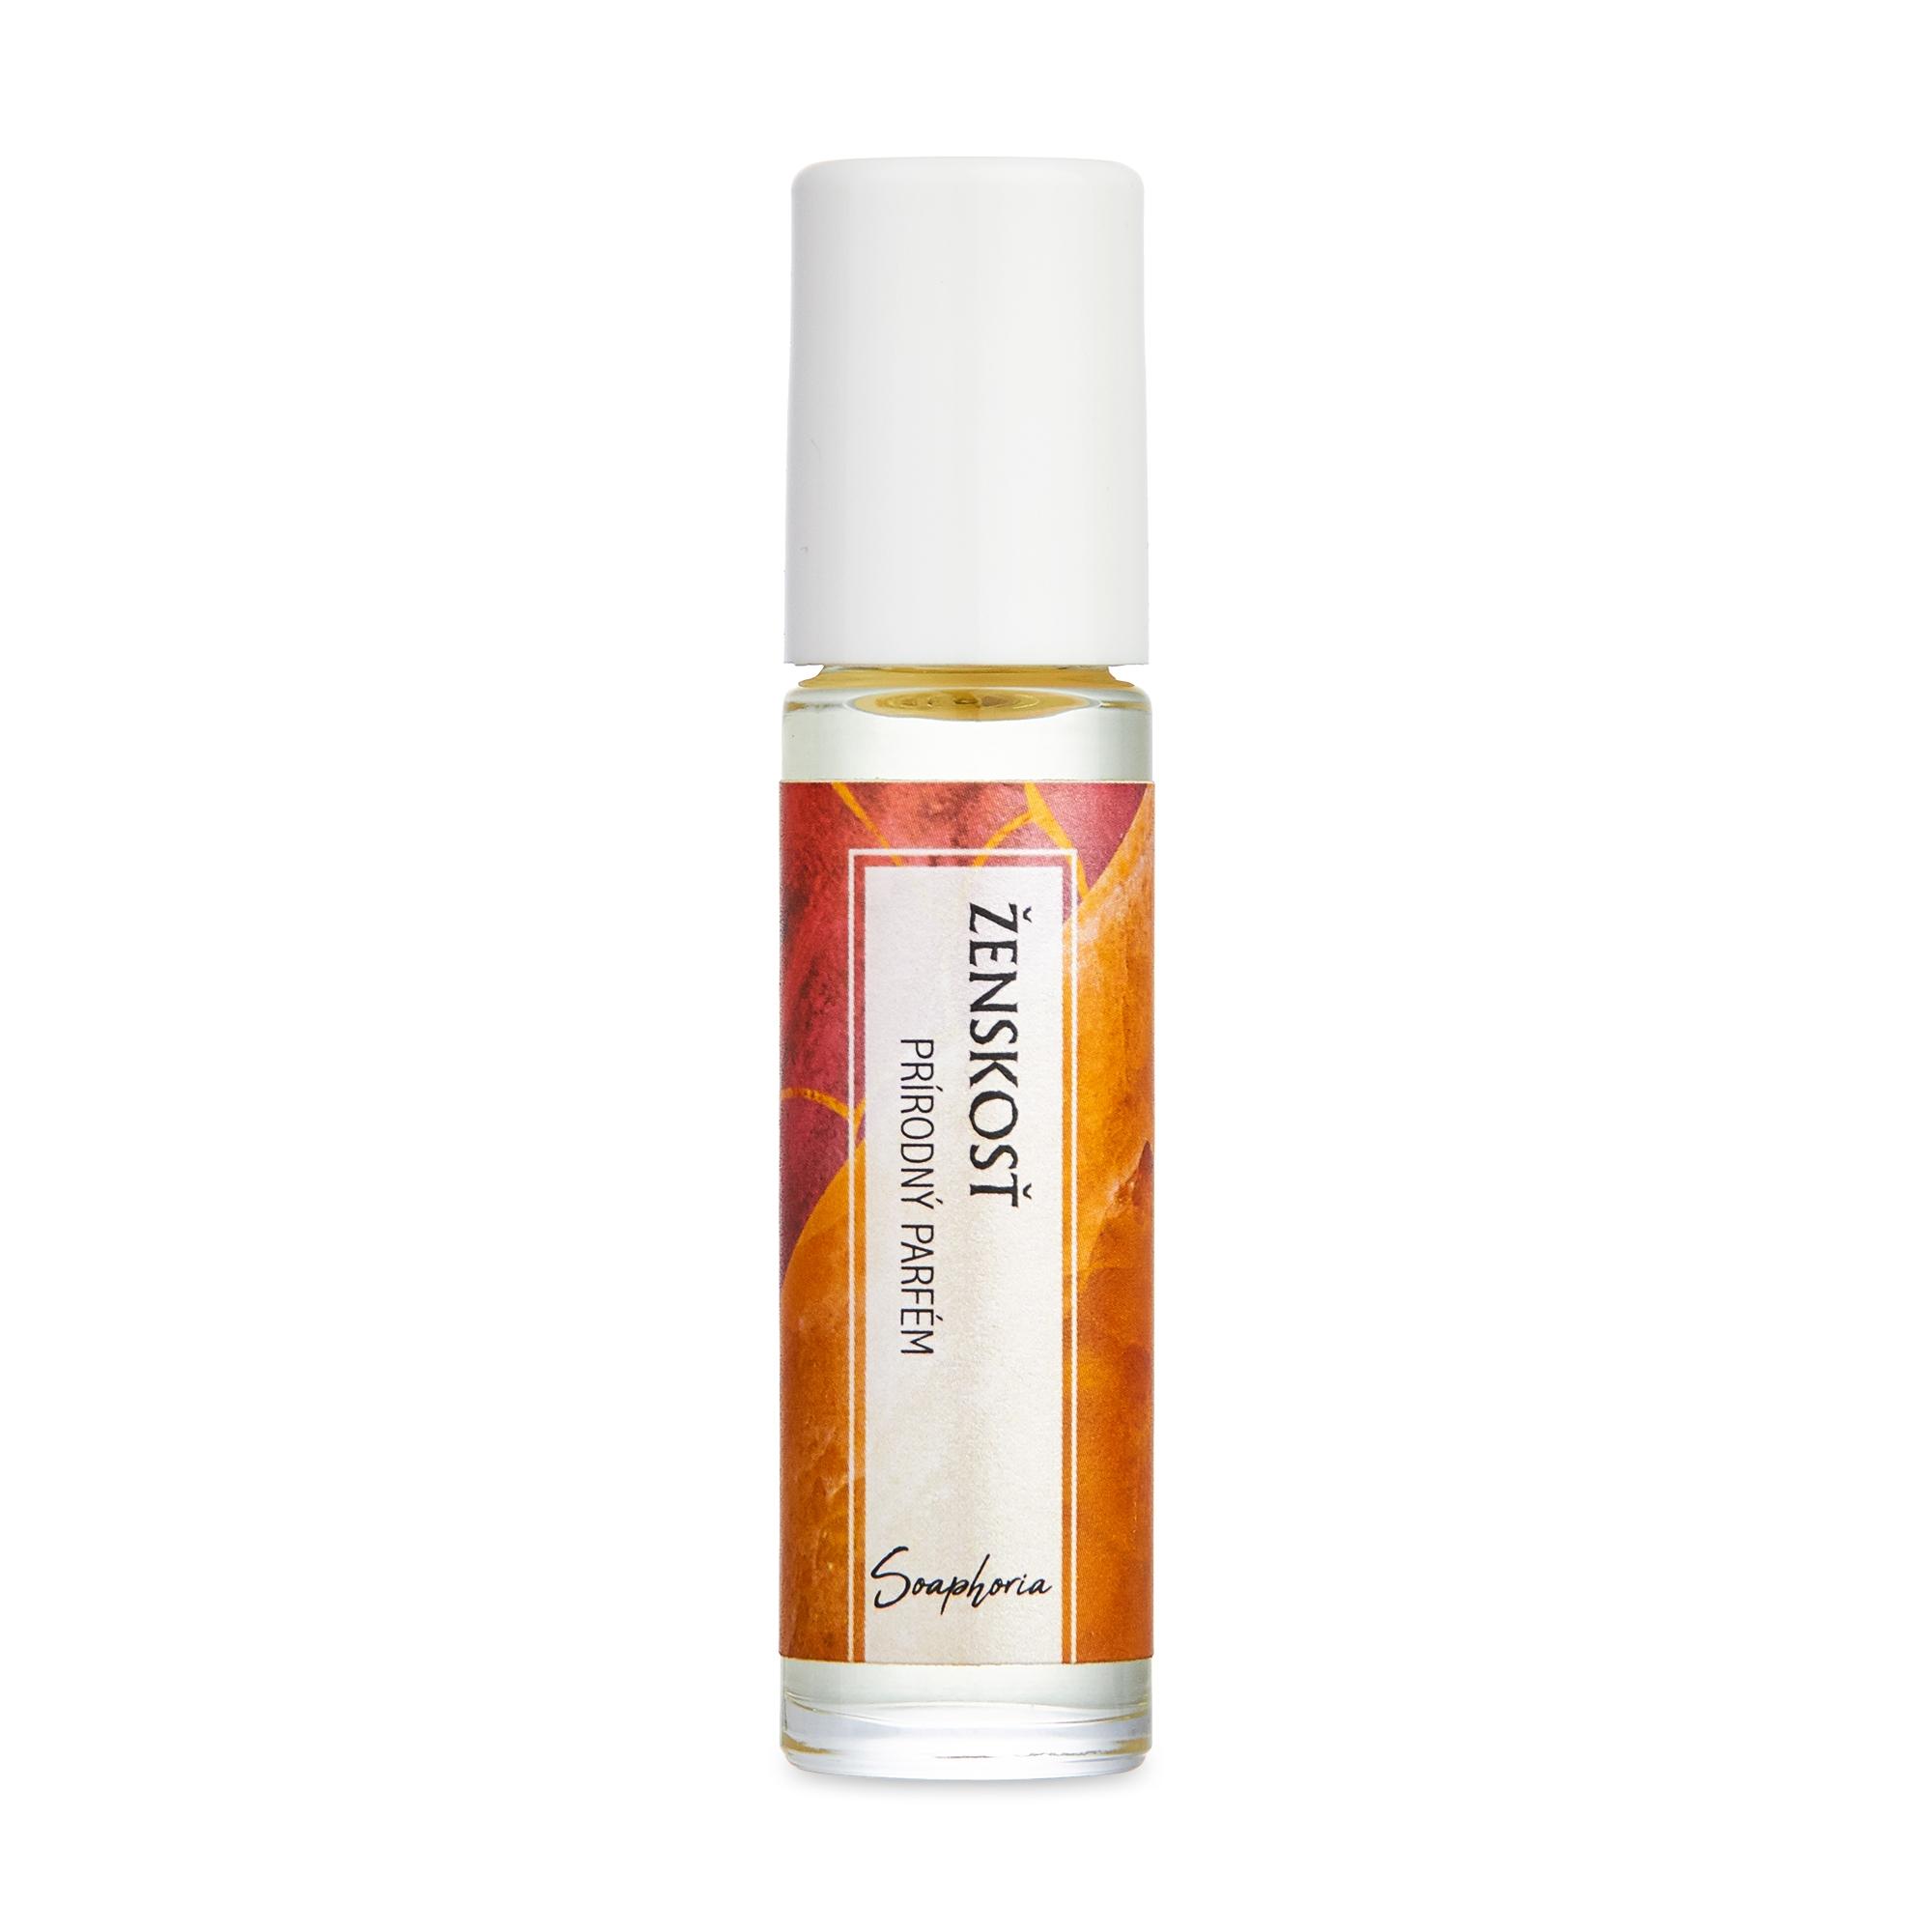 Ženskosť - prírodný parfum